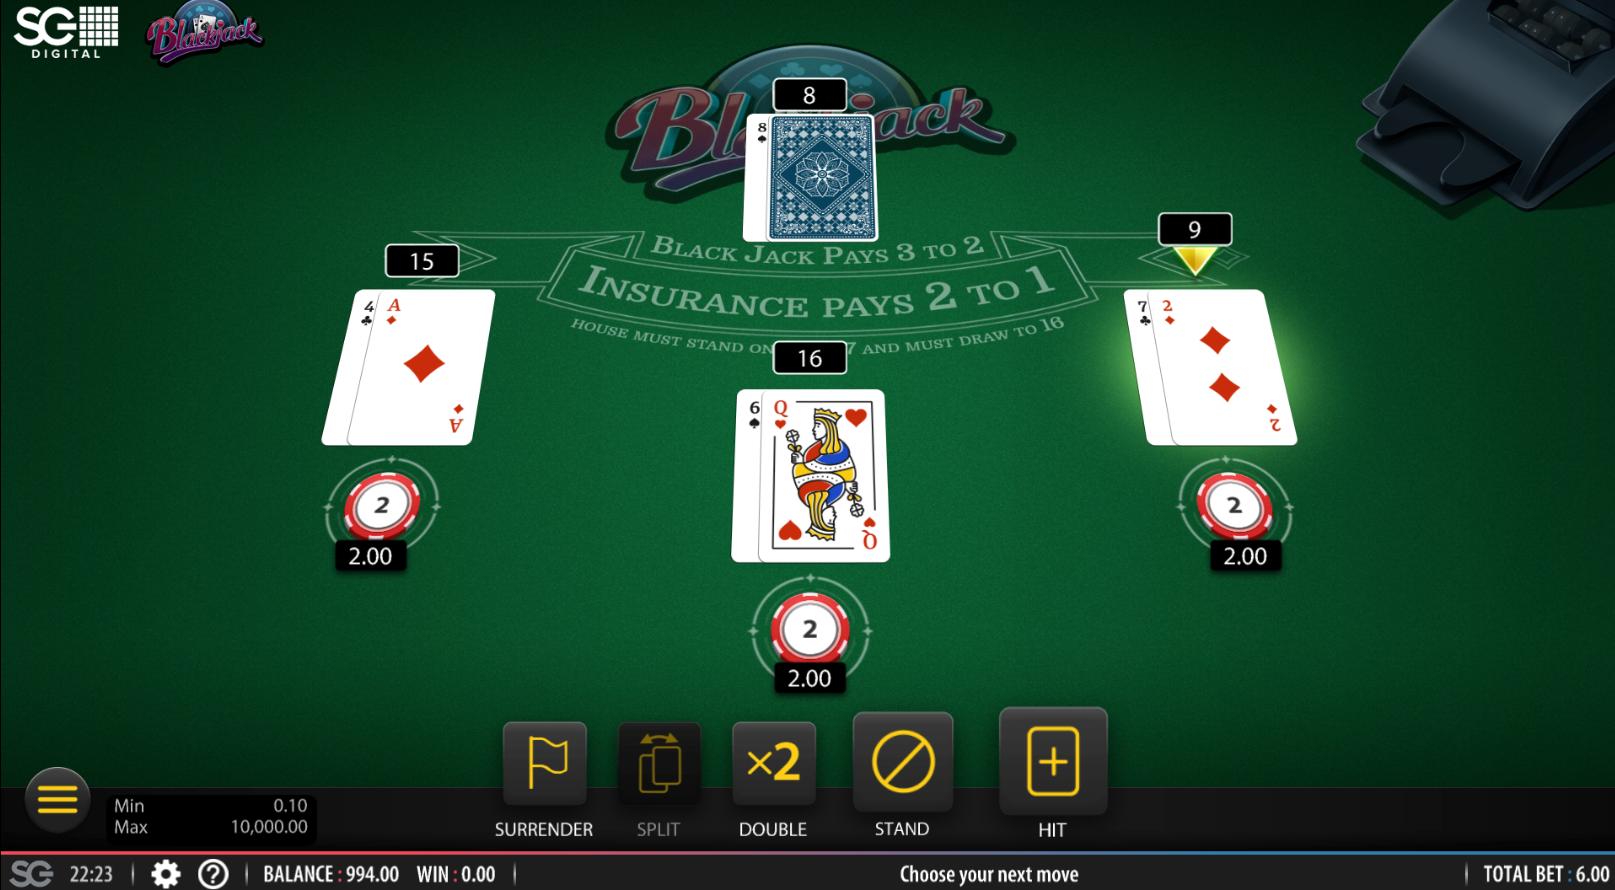 Hard Rock Online Blackjack